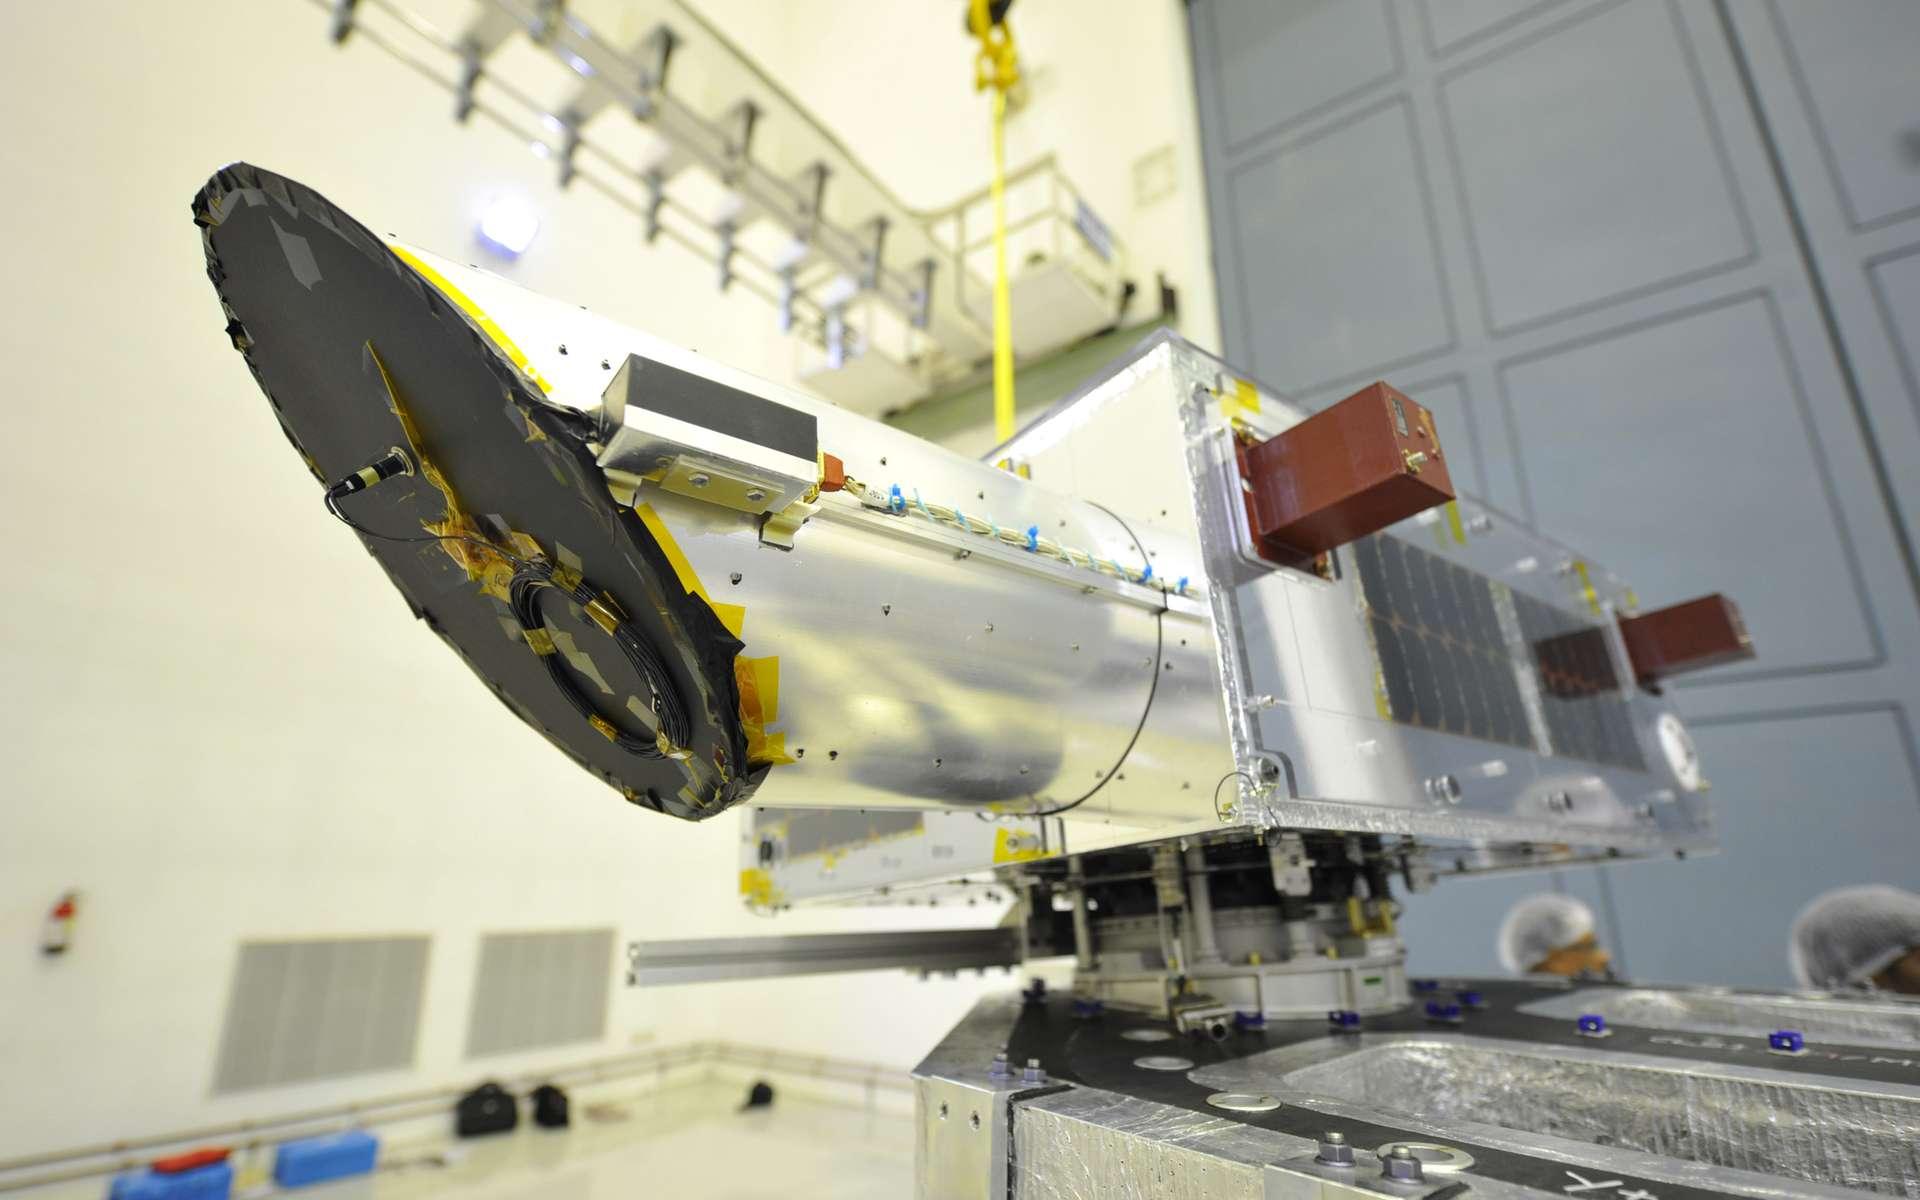 Depuis son promontoire à 800 km d'altitude, le petit satellite canadien Neossat surveillera tout ce qui tourne autour de la Terre et s'en approche. © Agence spatiale candienne